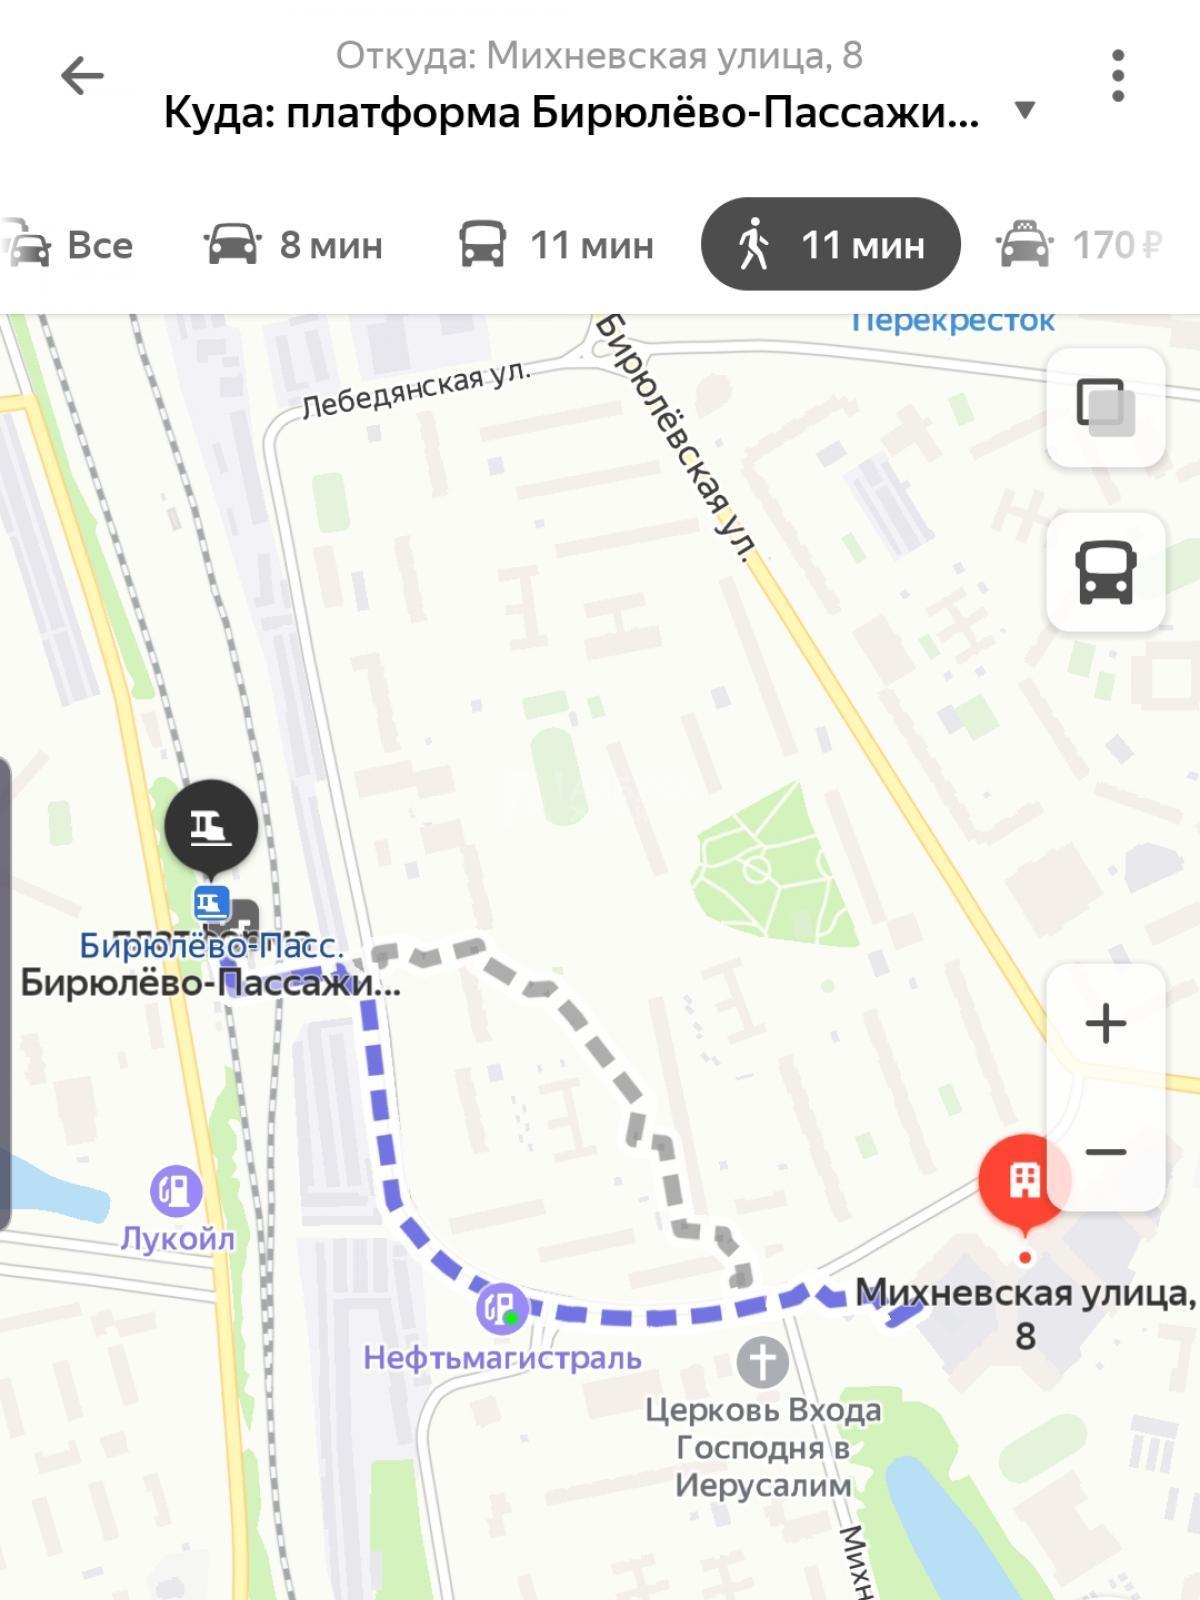 Фото №2 - 3-комнатная квартира, Москва, Михневская улица 8, метро Царицыно